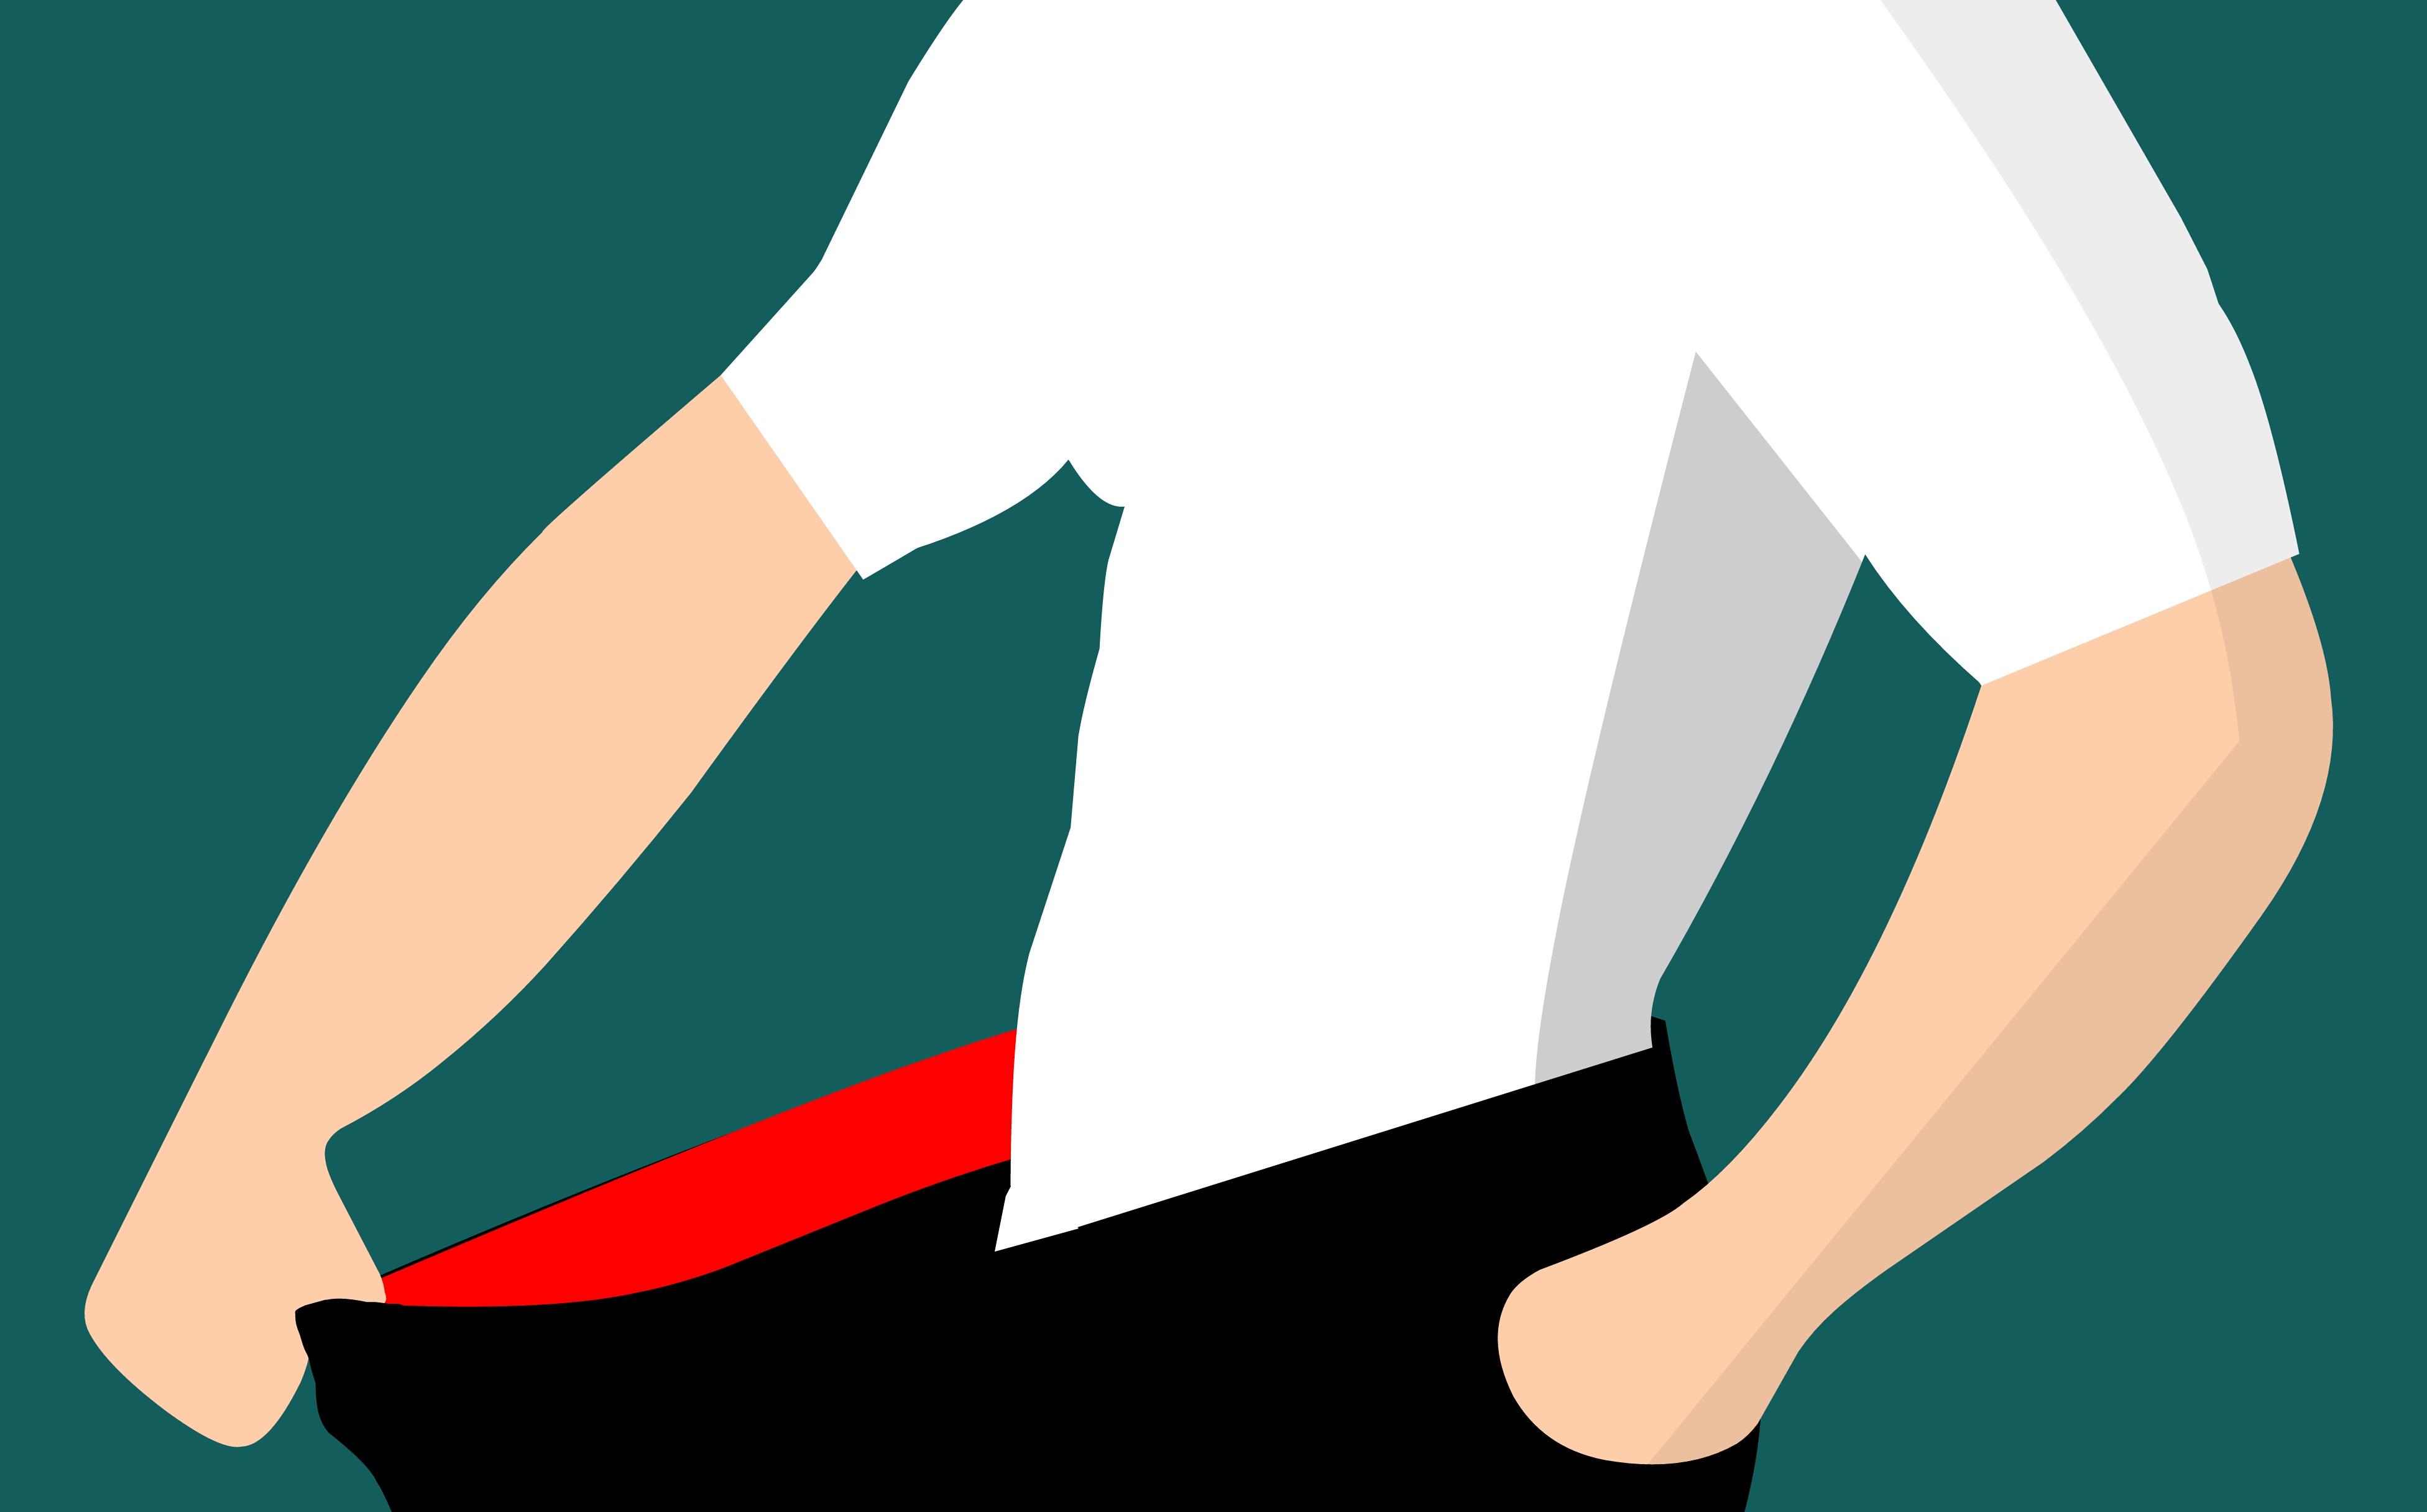 Cum să câștigi în greutate de un tip subțire, 13 sfaturi - Produse